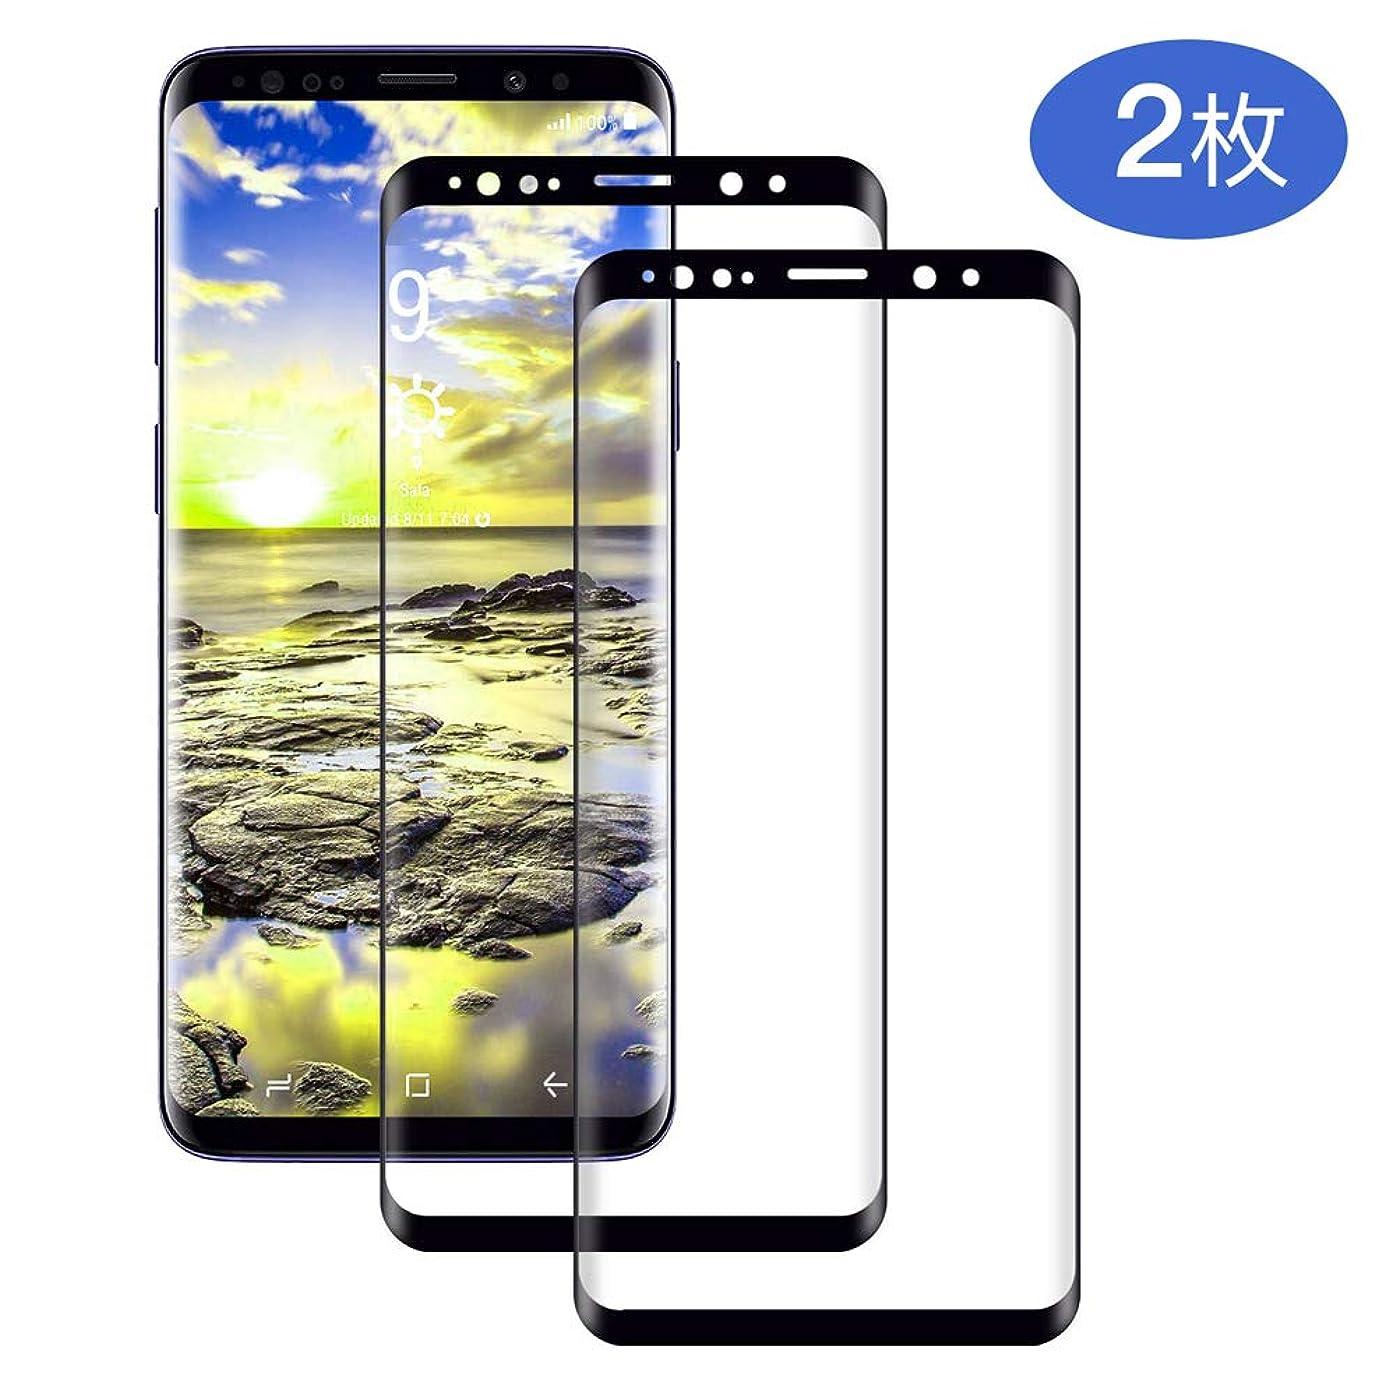 こしょう静める急性【2019年最新バージョン】Samsung Galaxy S9 Plus ガラスフイルム Galaxy S9 Plus 強化ガラス【2枚セット】最大硬度9H/高透過率/自動吸着/ラウンドエッジ加工/アンチコリジョン指紋保護/気泡ゼロ/全面フルカバー 6.2インチ(黒/ブラック)